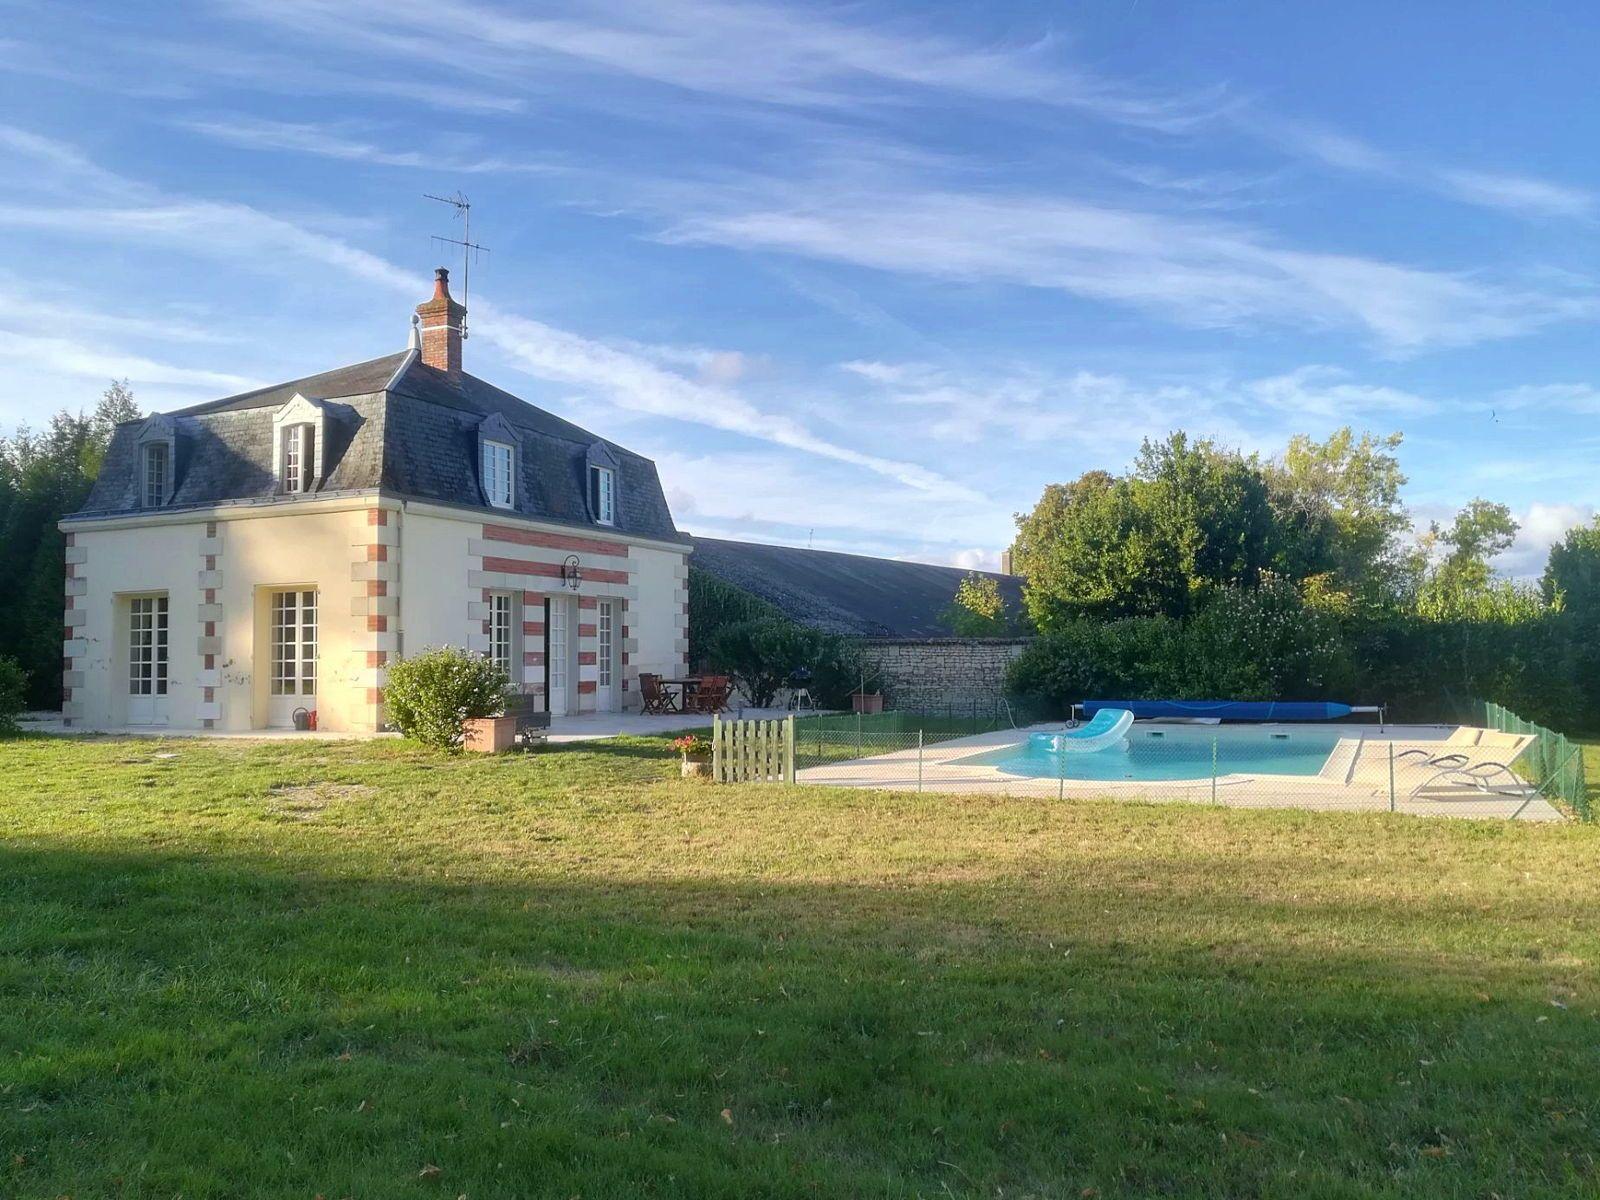 Loue maison 6/7personnes + piscine - entre Touraine et Poitou